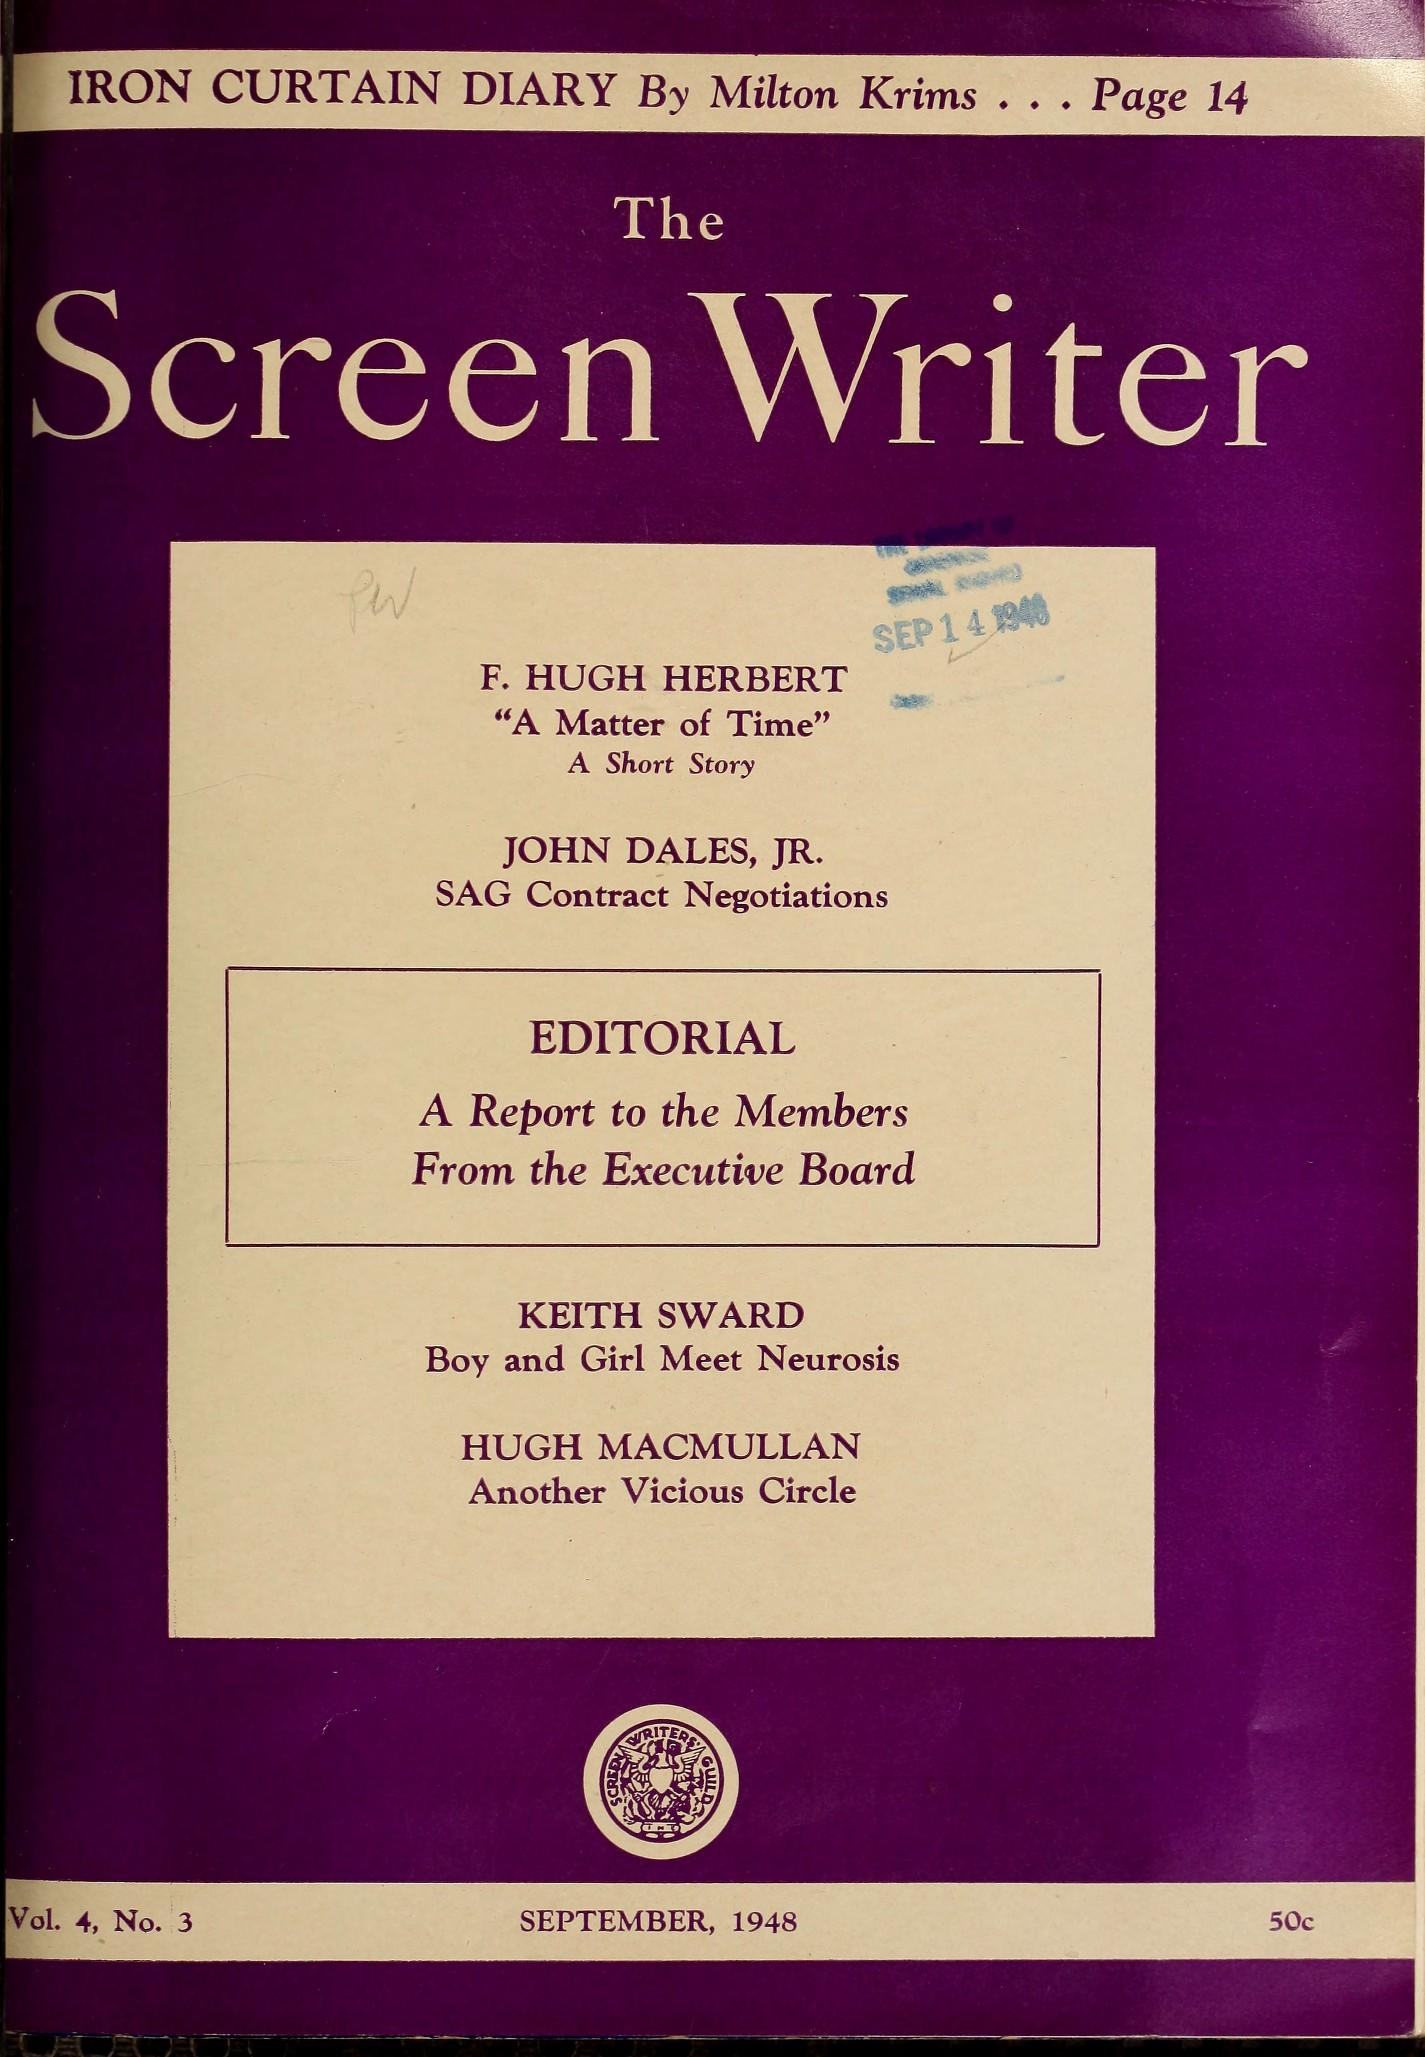 Screenwriter32scre_jp2.zip&file=screenwriter32scre_jp2%2fscreenwriter32scre_0171